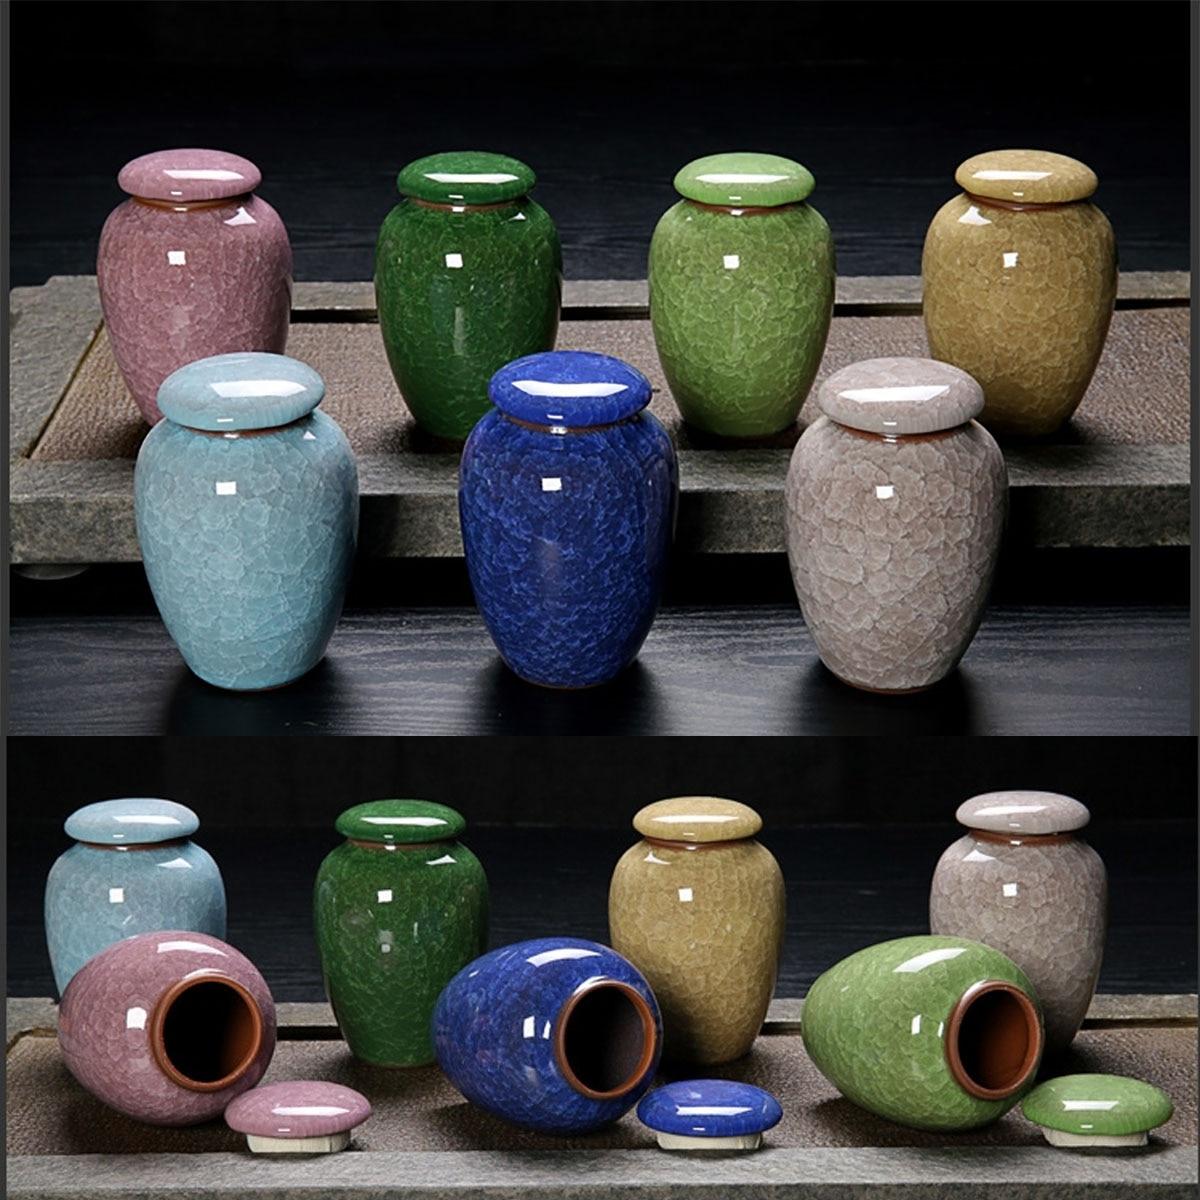 7 couleurs céramique urnes animaux chien chat oiseaux souris crémation cendres urne souvenir cercueil Columbarium animaux mémoriaux